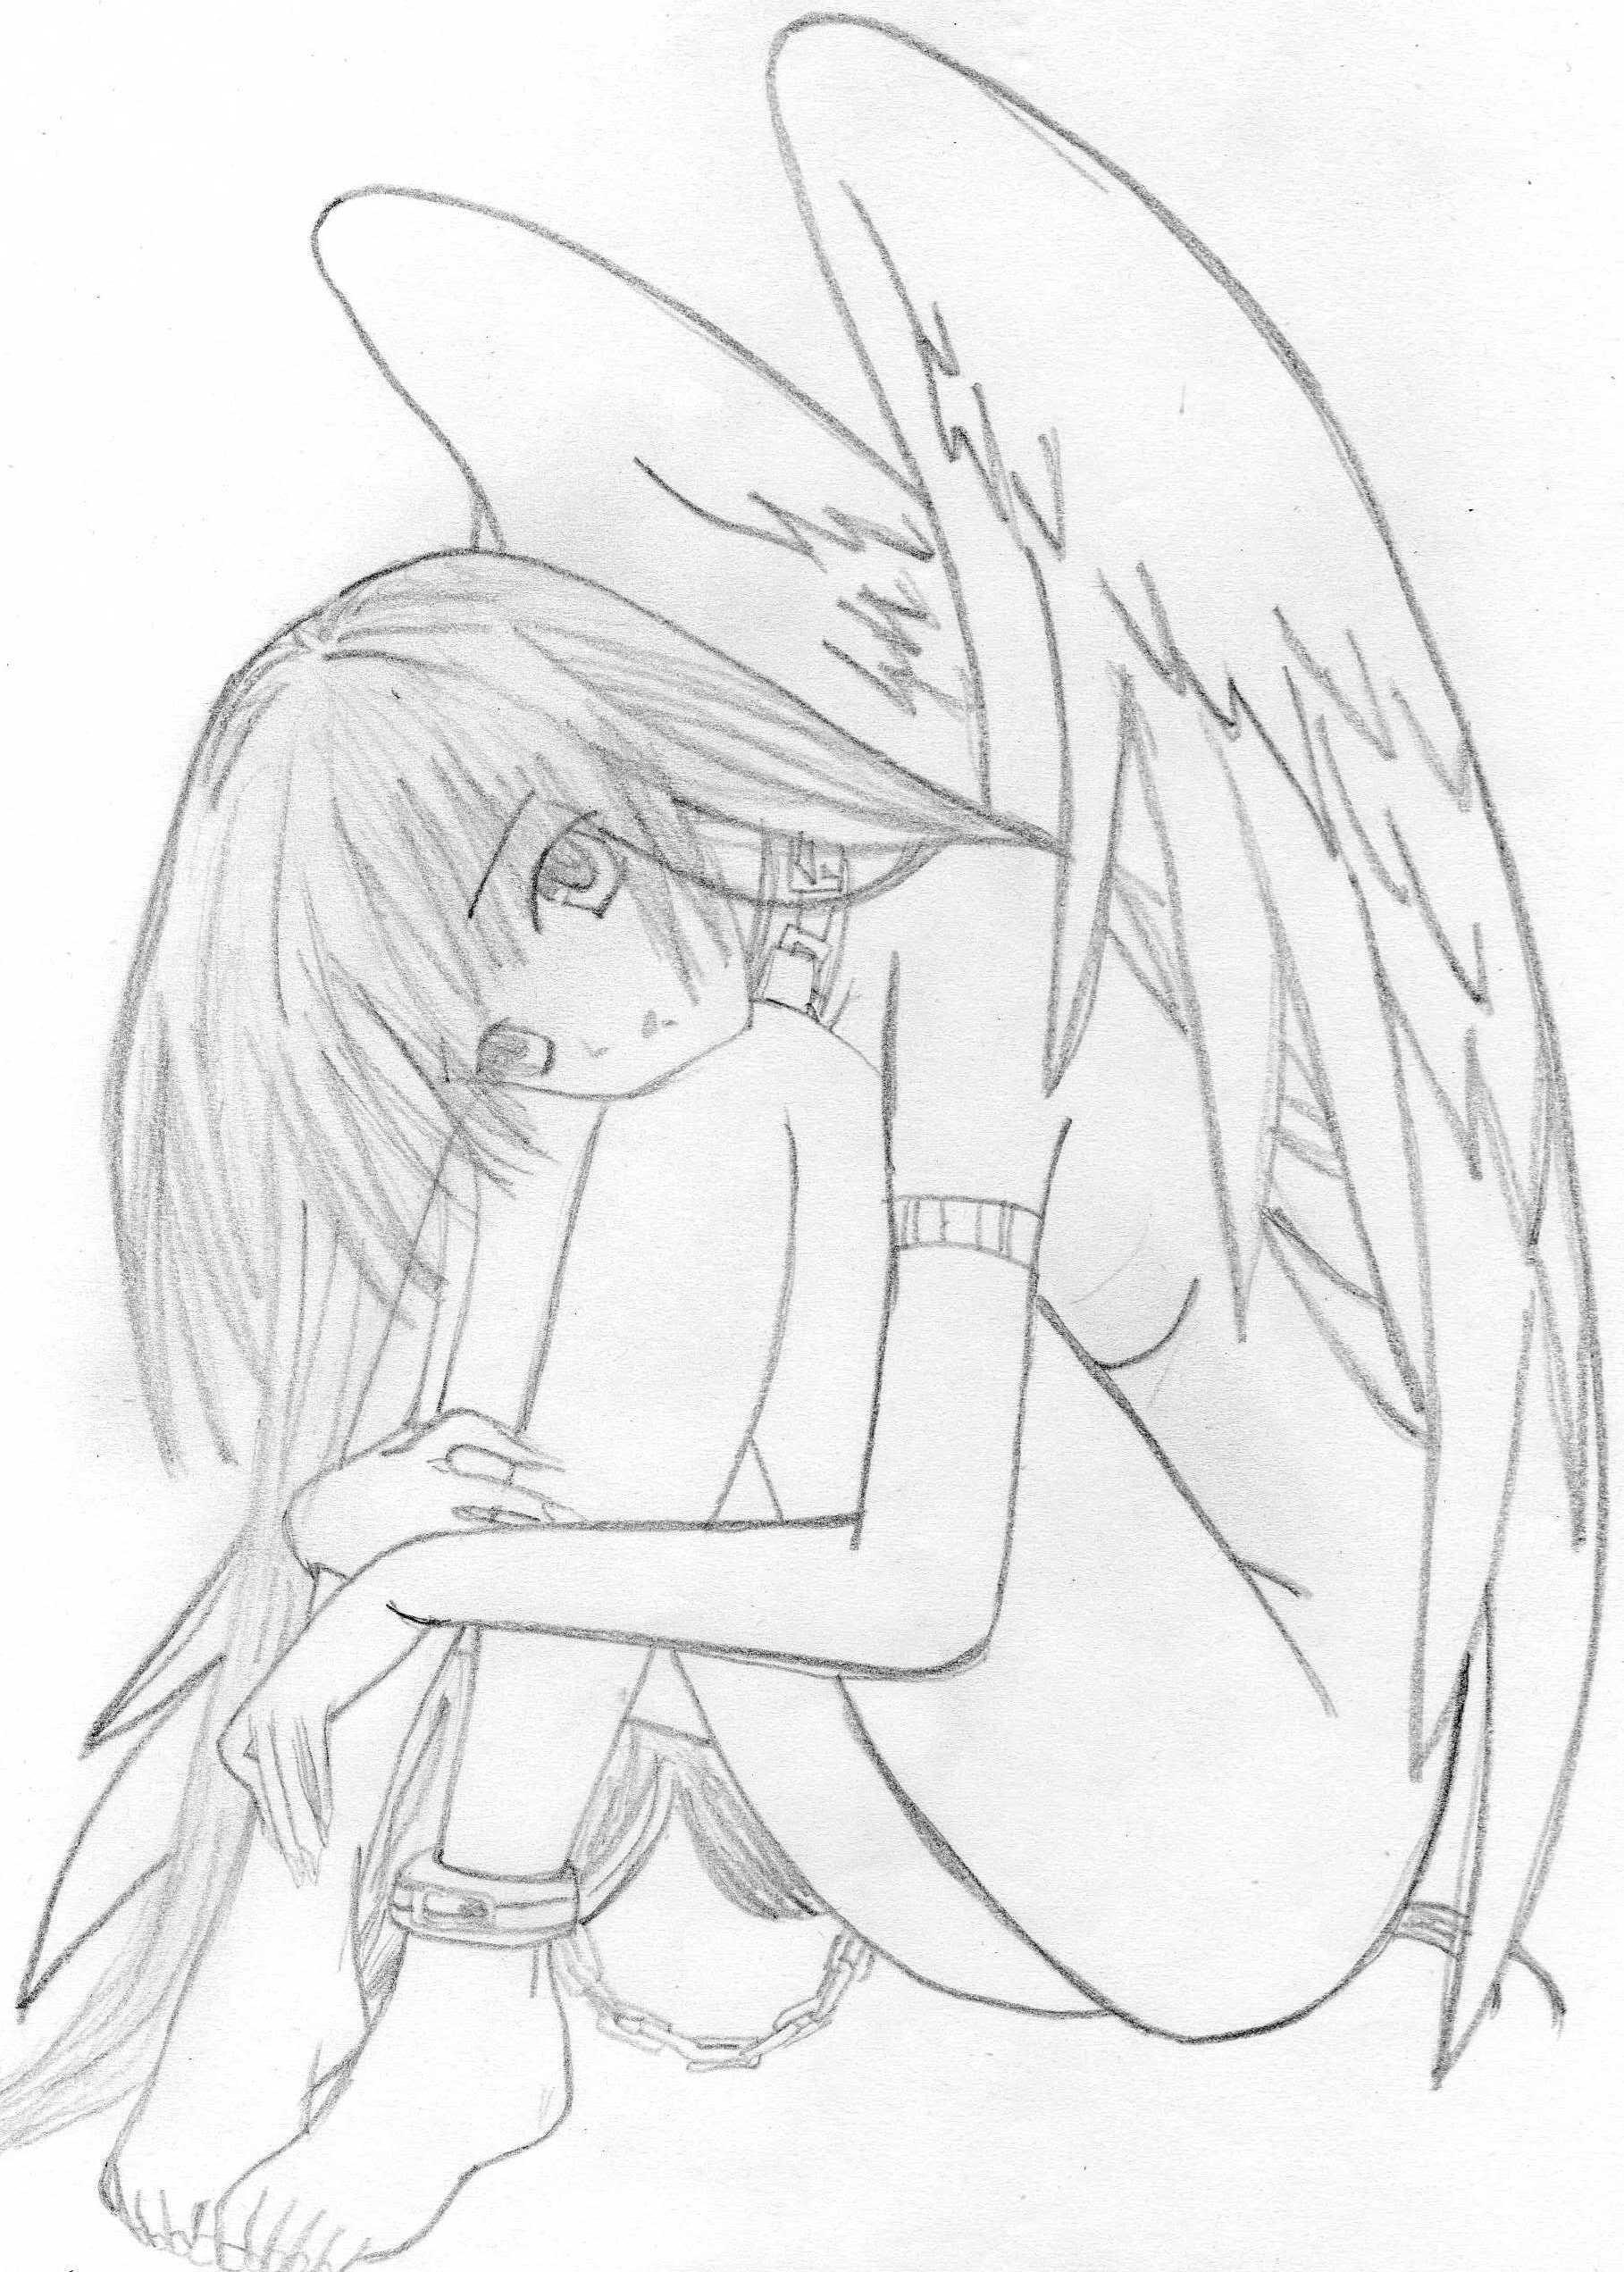 Inspirador Dibujos Para Colorear De Amor Anime | Colore Ar La Imagen